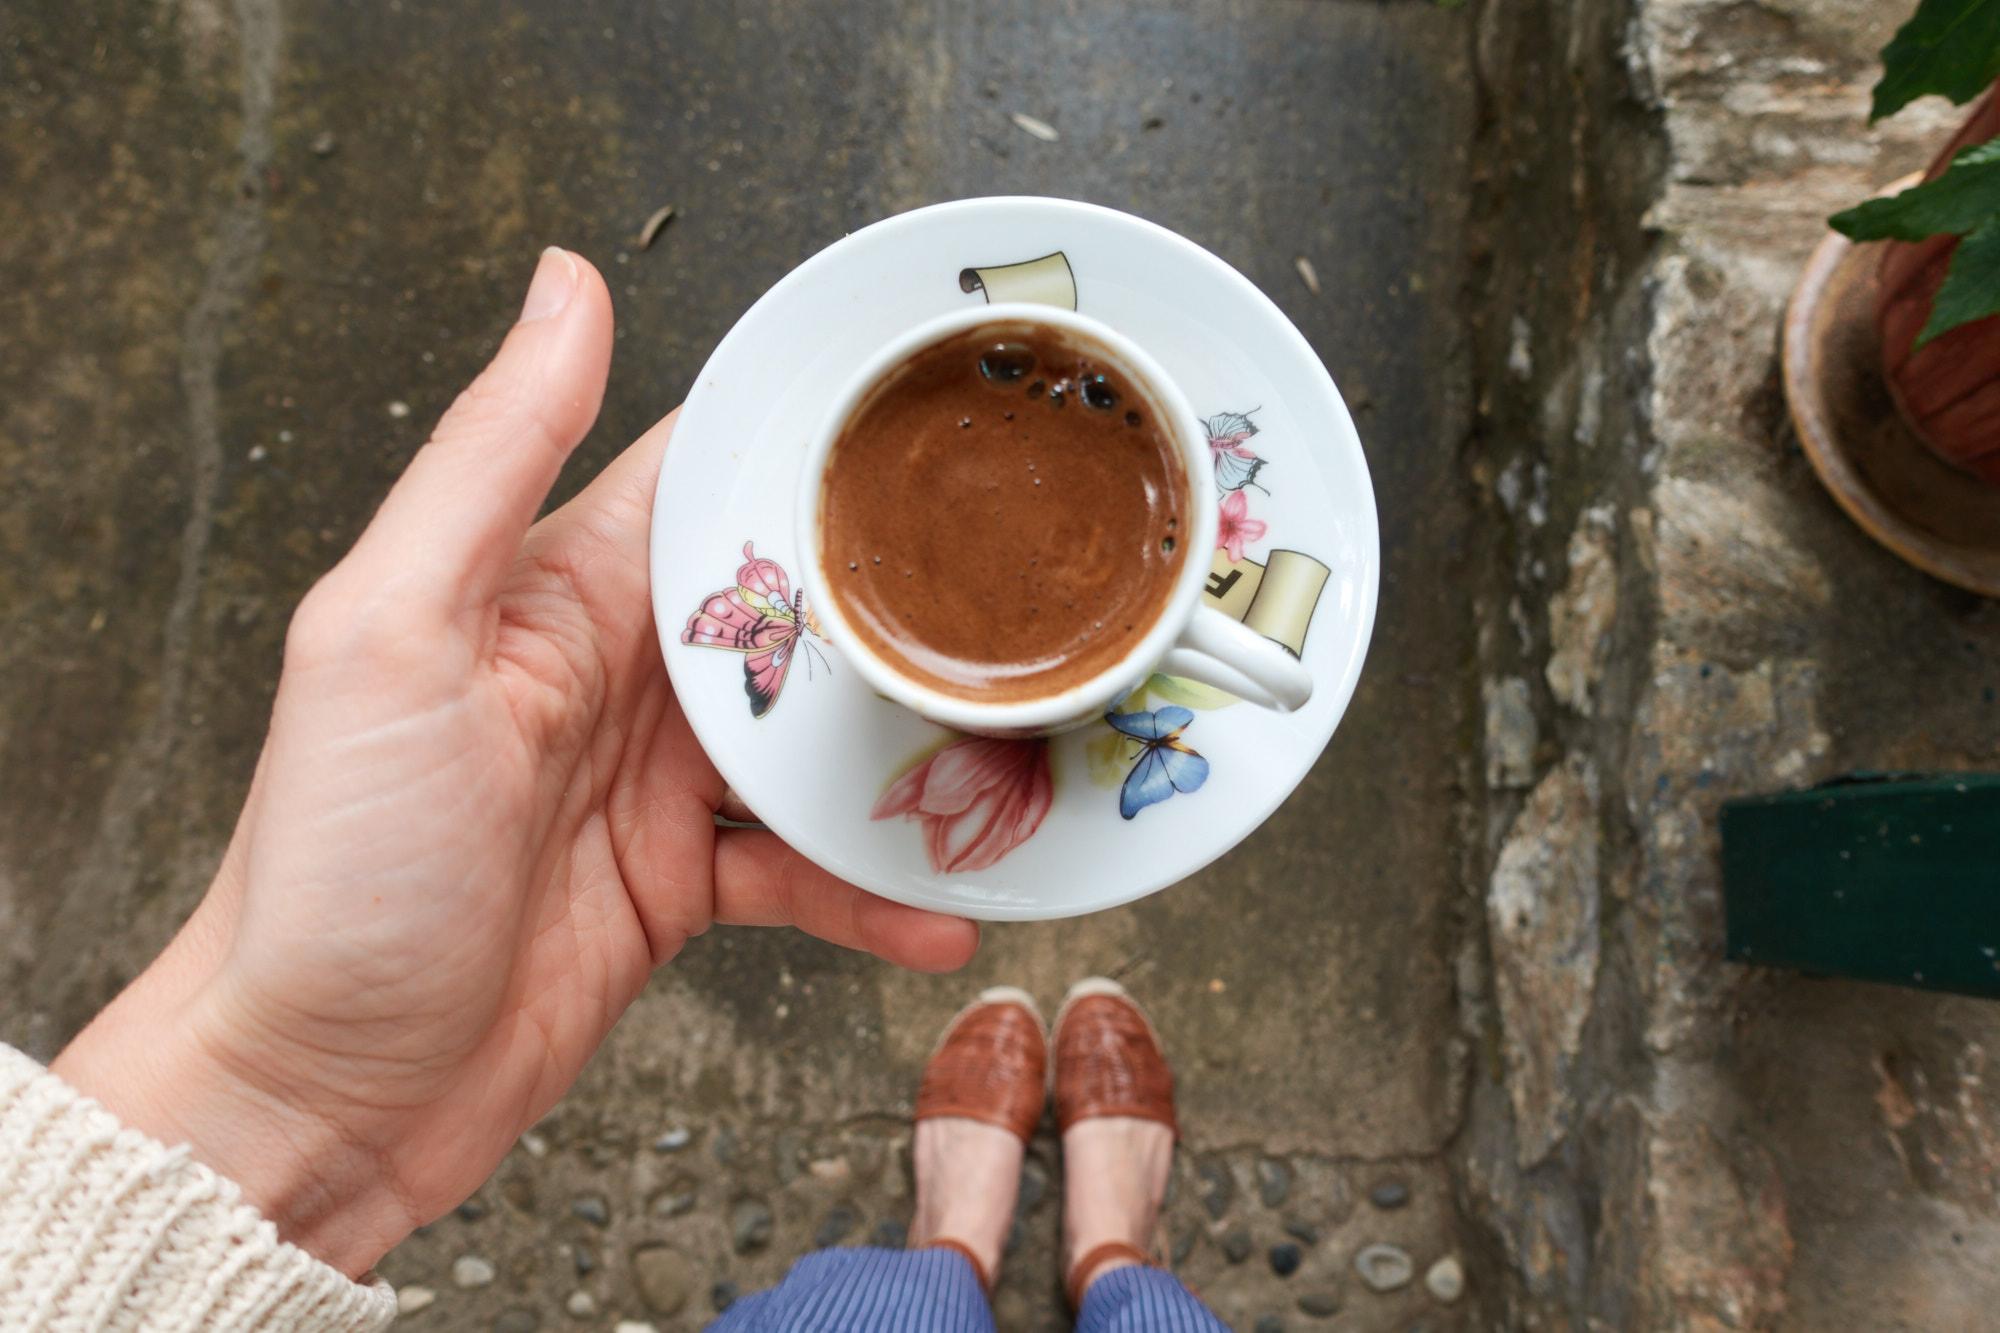 billur saatci, offnegiysem, street style, turkish style blogger, garentailekeşfet, garenta, akyaka, keşif, seyahat, akyaka rehberi, gökova, çetibeli, sakız restoran